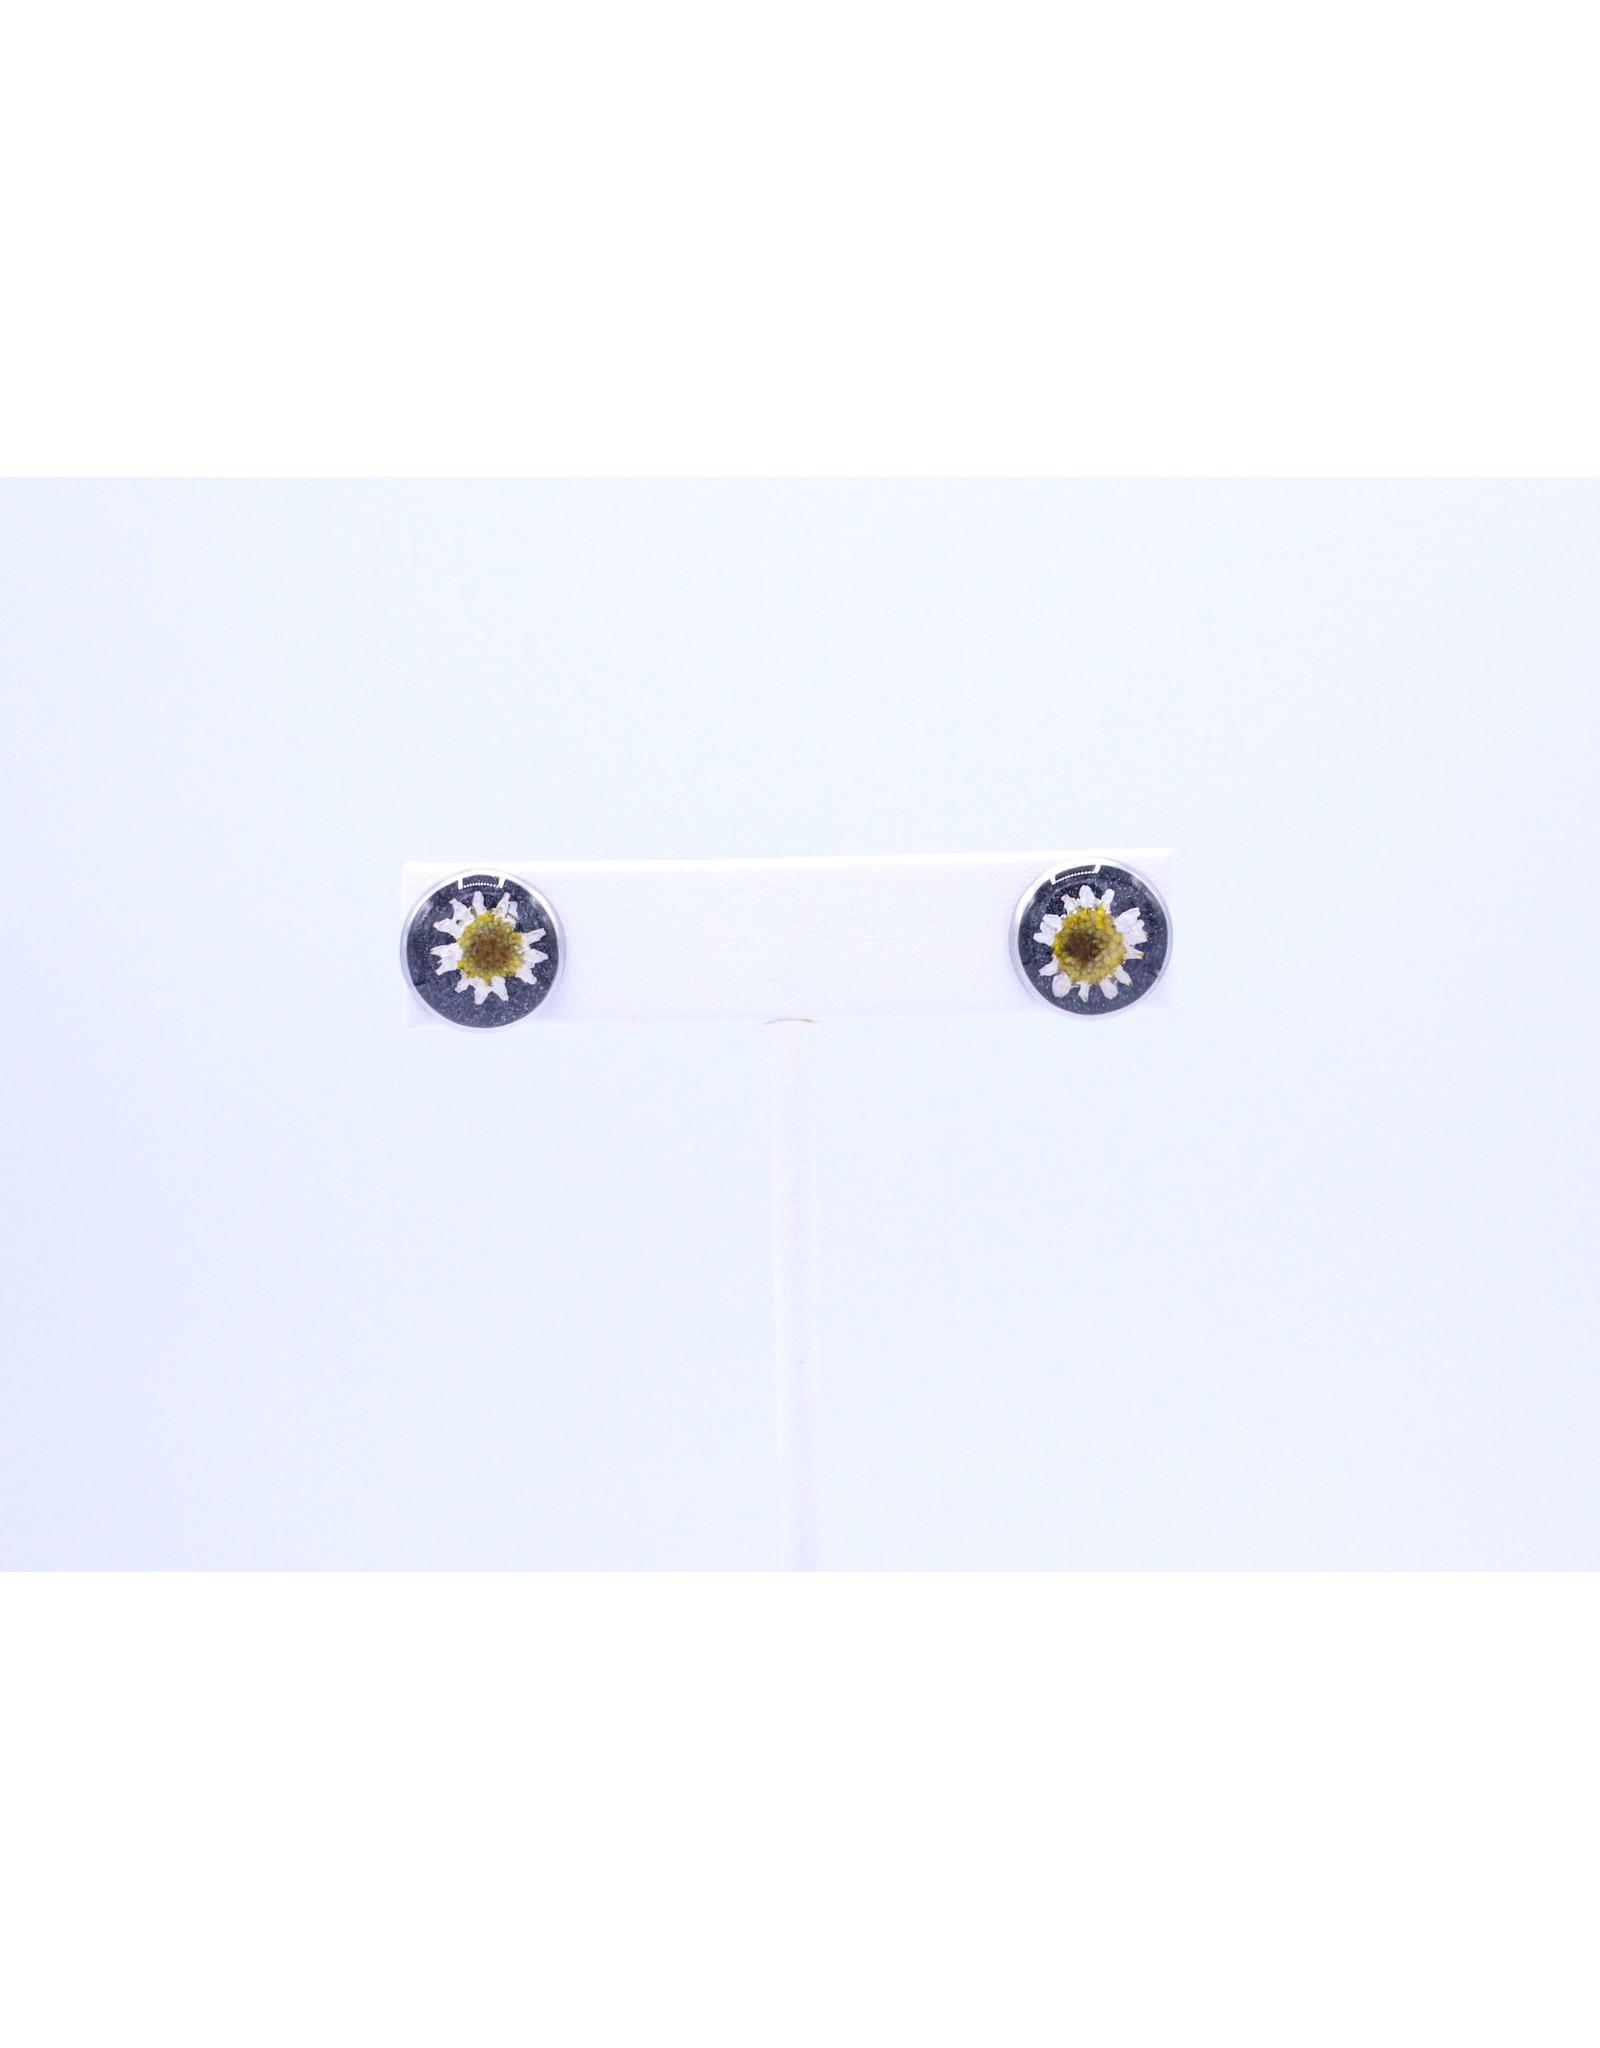 12mm Stud Daisy Earrings - J12SDA1